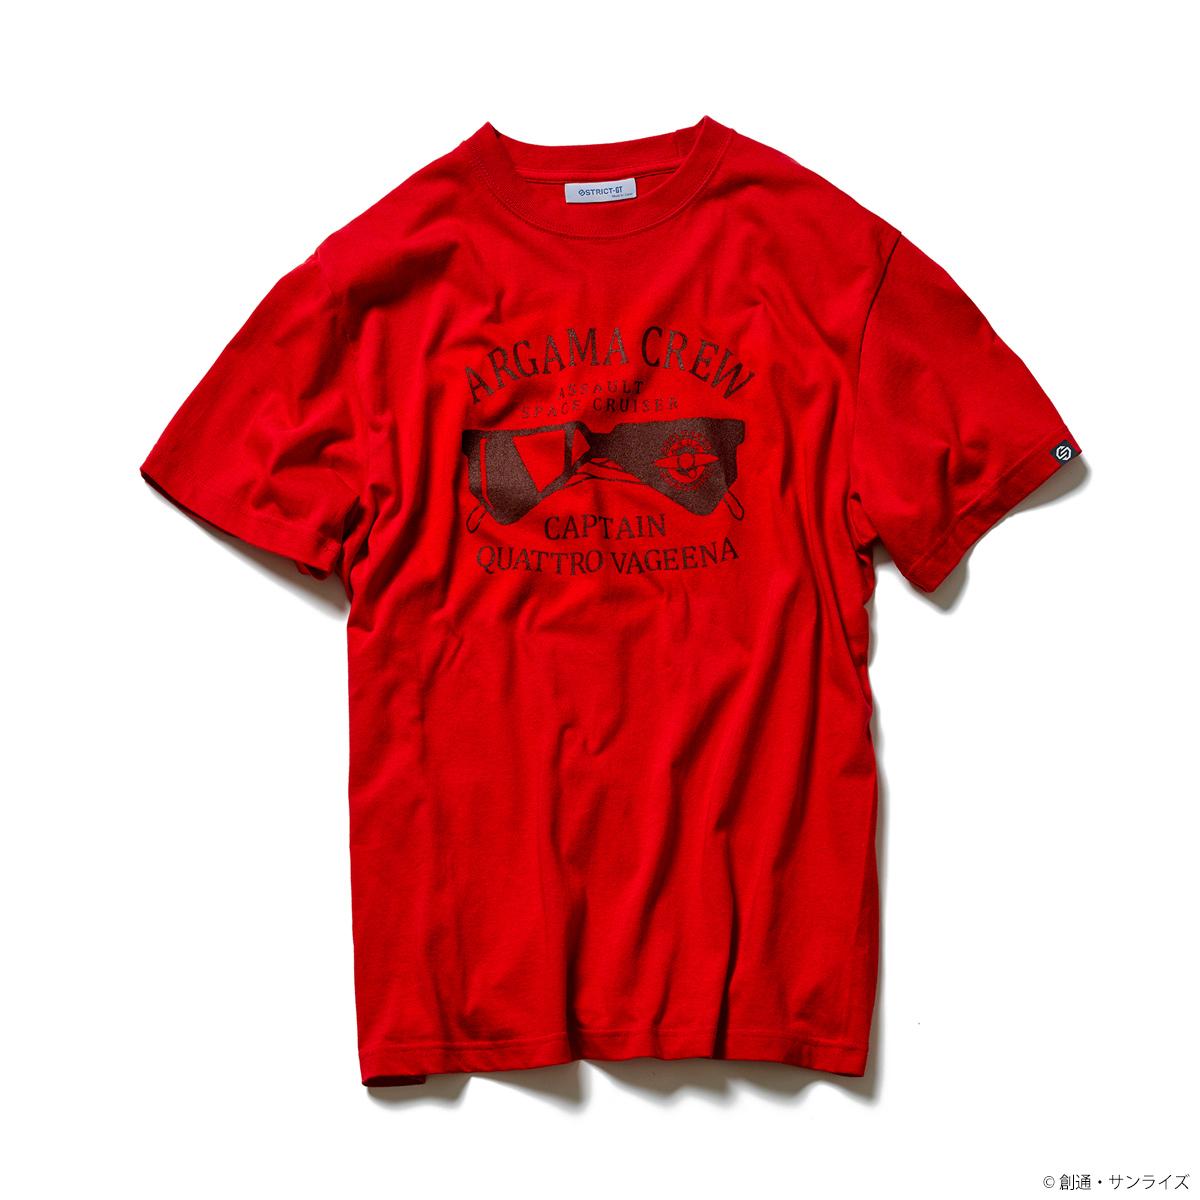 『機動戦士Zガンダム』 Tシャツ クワトロ・クルー柄